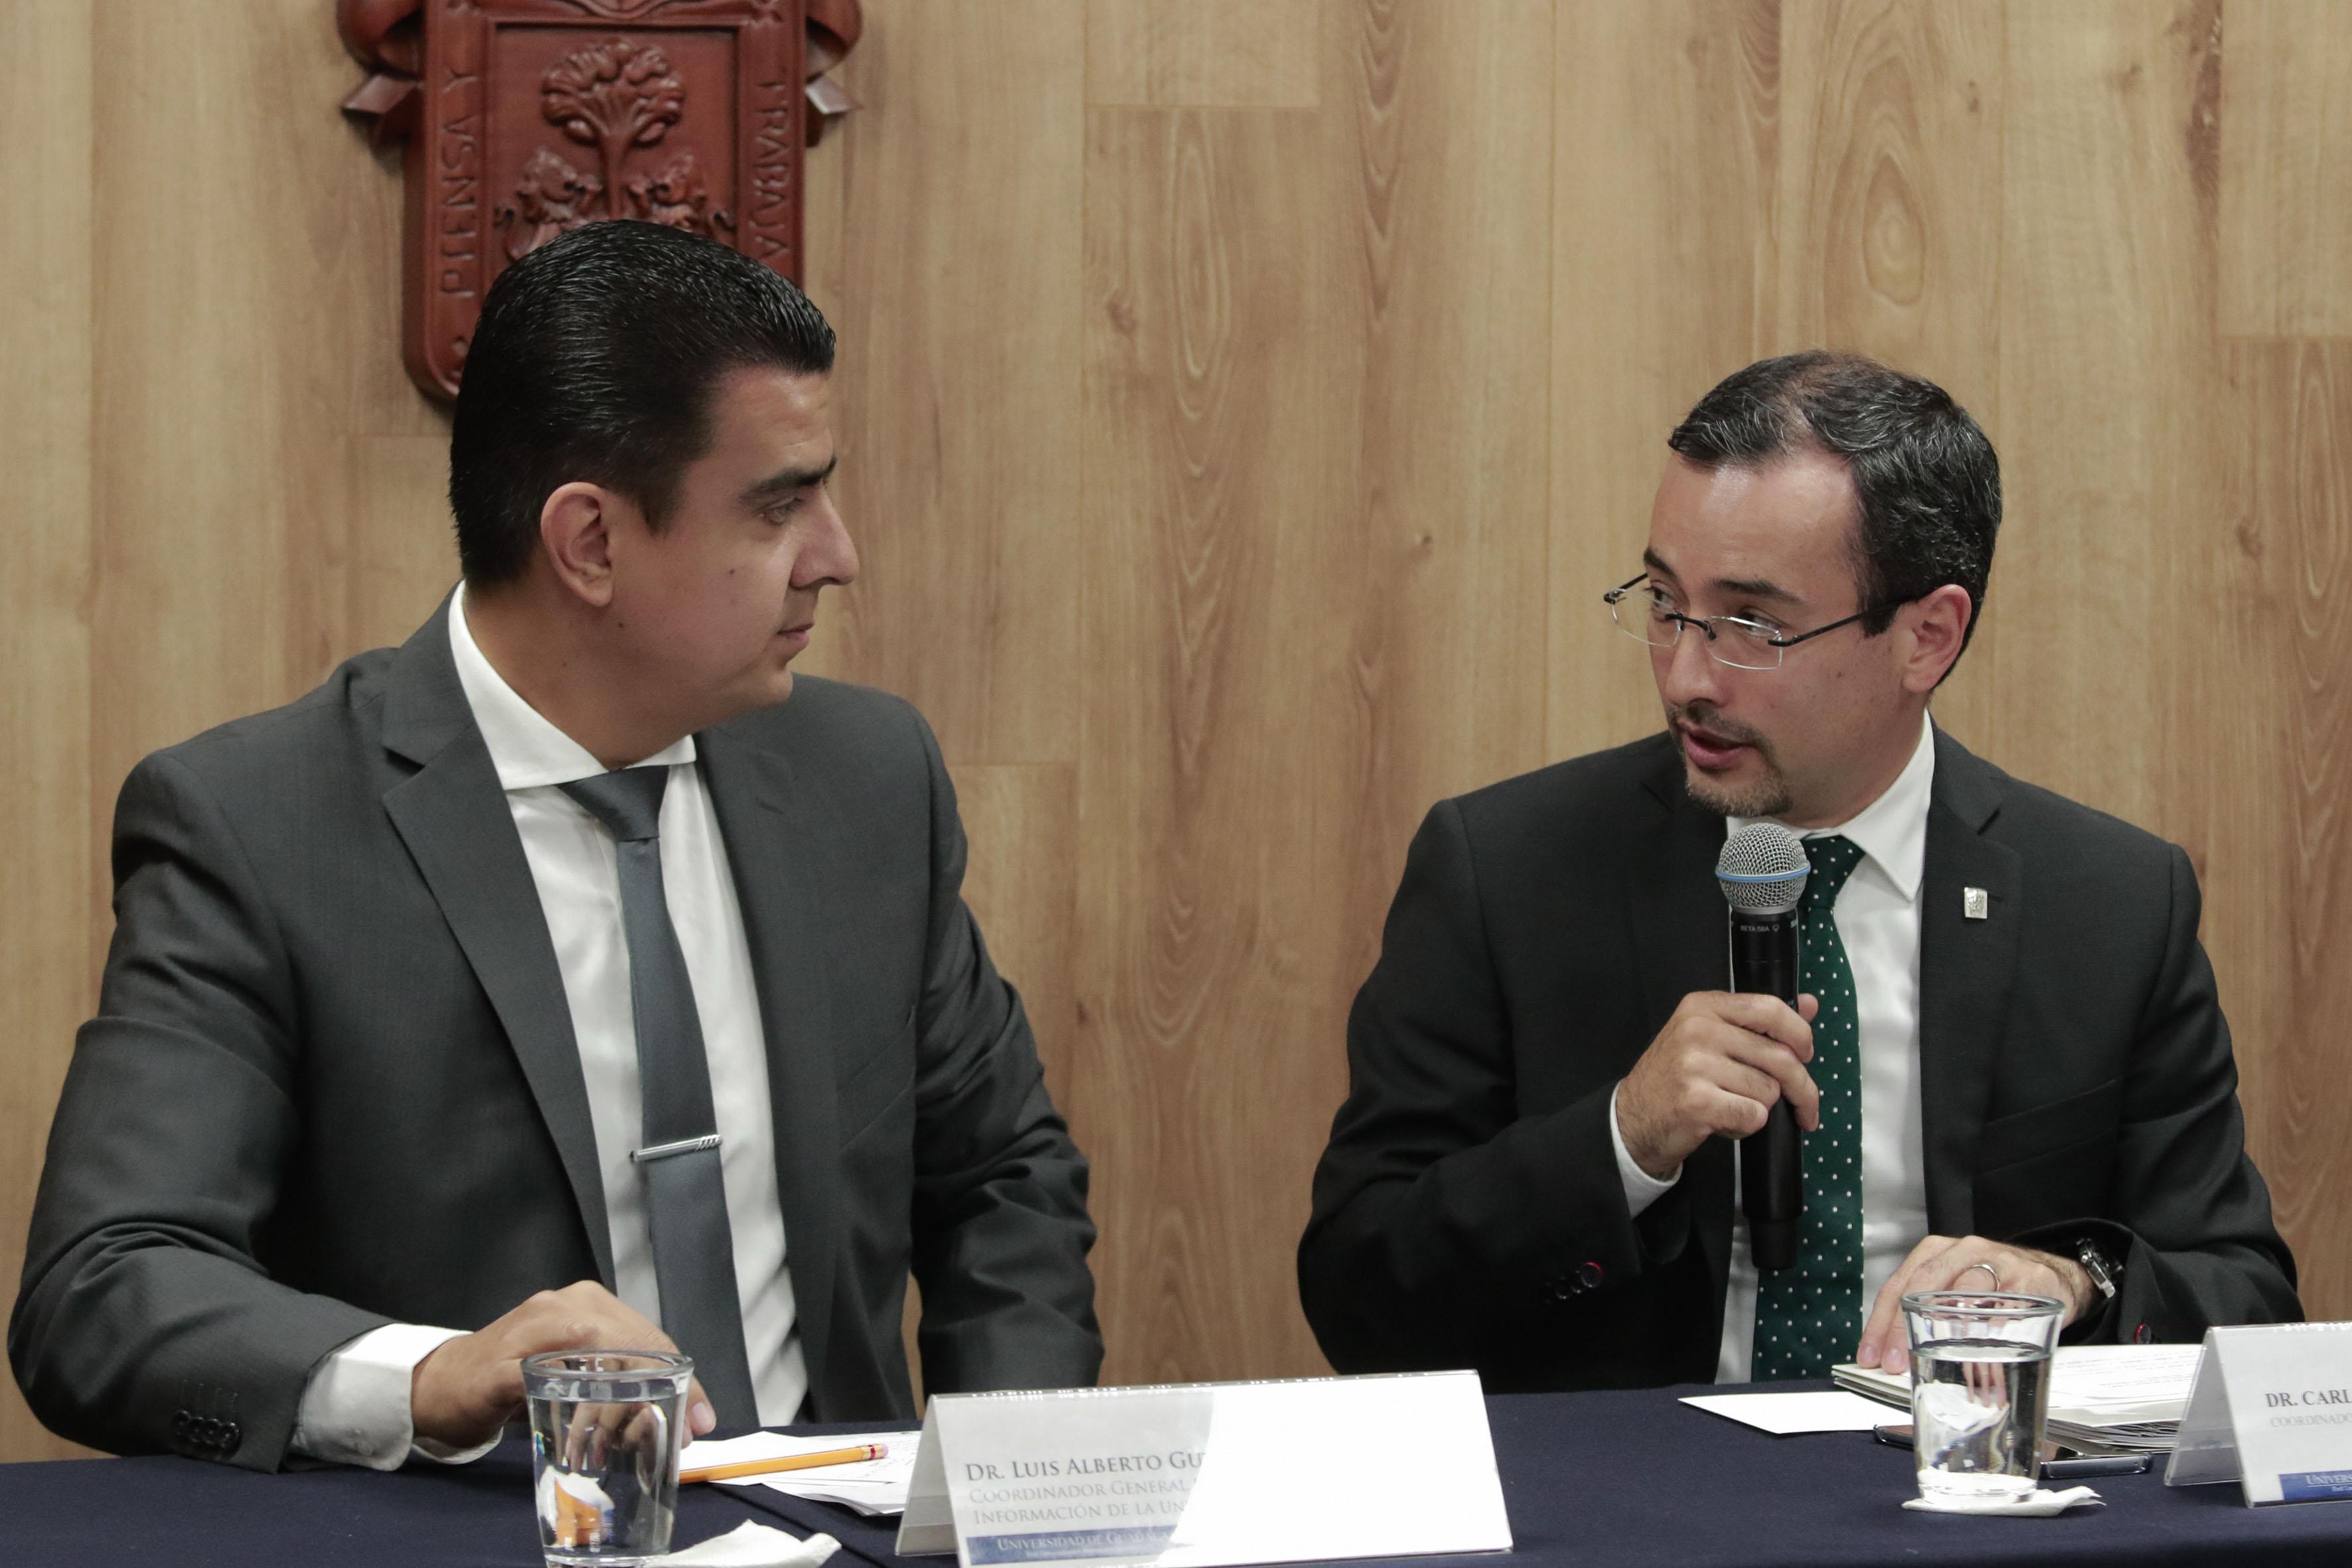 Doctor Carlos Iván Moreno Arellano, coordinador general de Cooperación e Internacionalización, interactuando con el doctor Luis Alberto Gutiérrez Díaz de León, titular de la Coordinación General de Tecnologías de la Información, durante rueda de prensa.